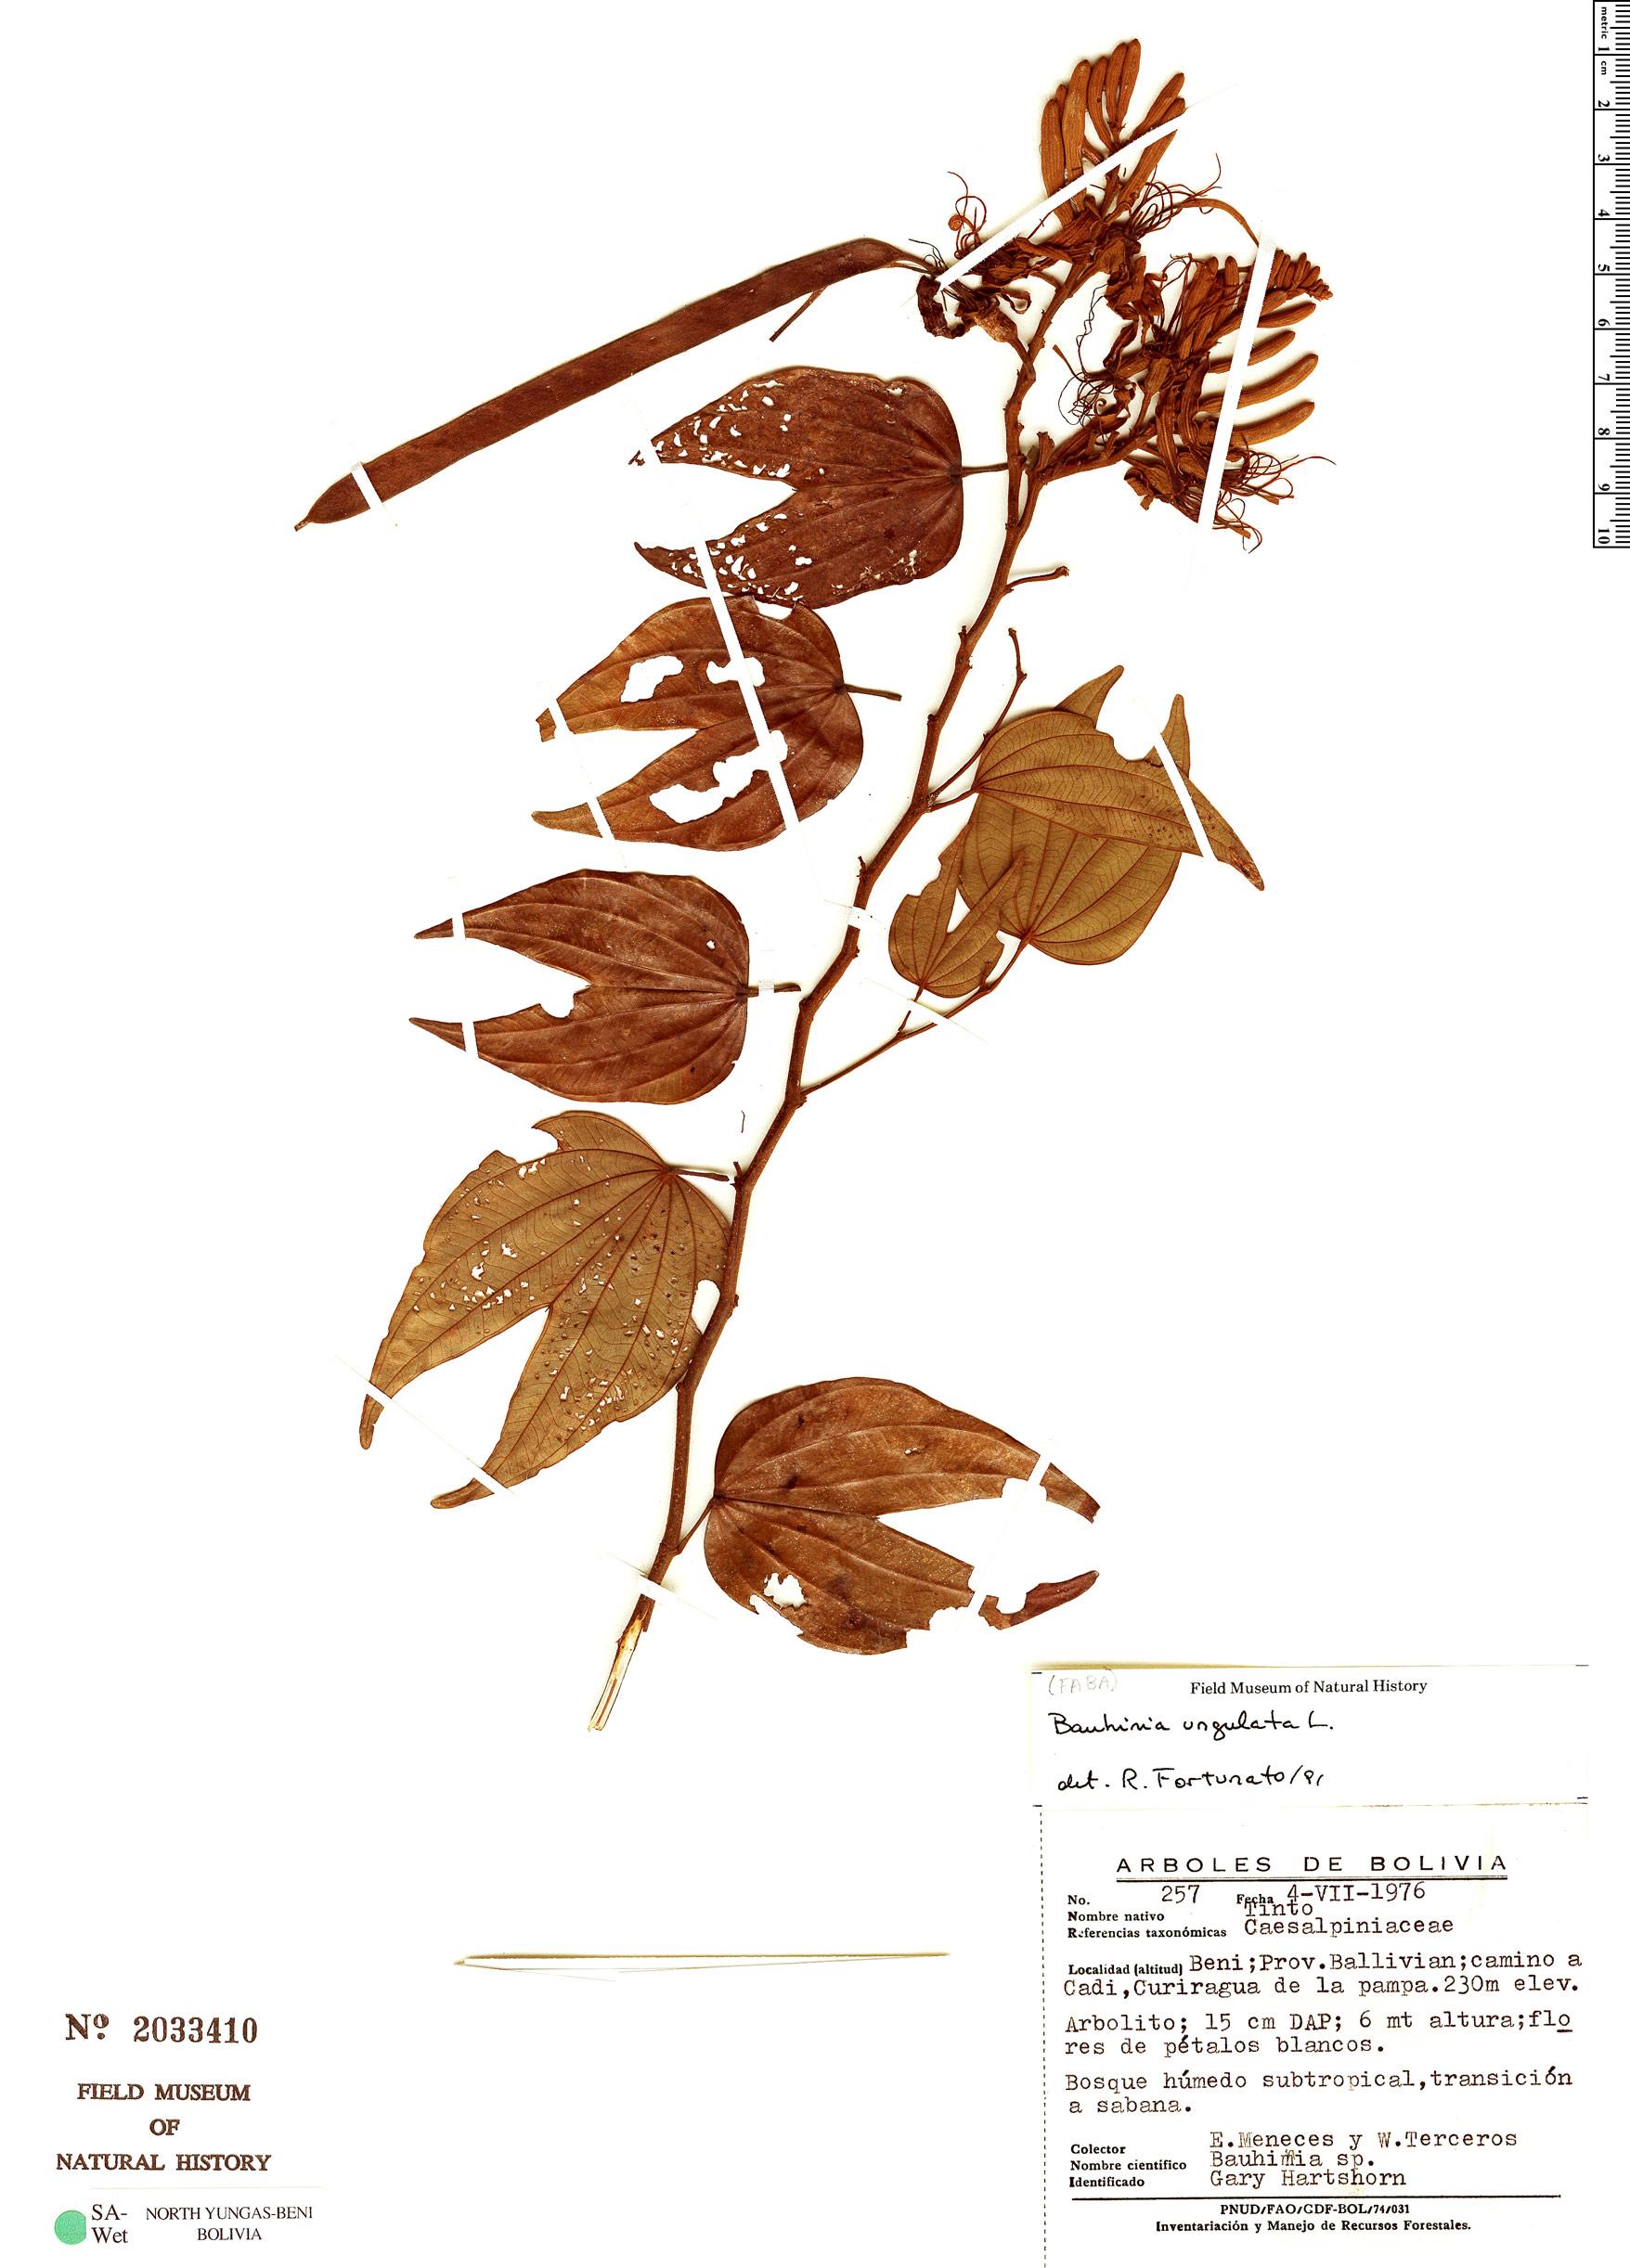 Specimen: Bauhinia ungulata